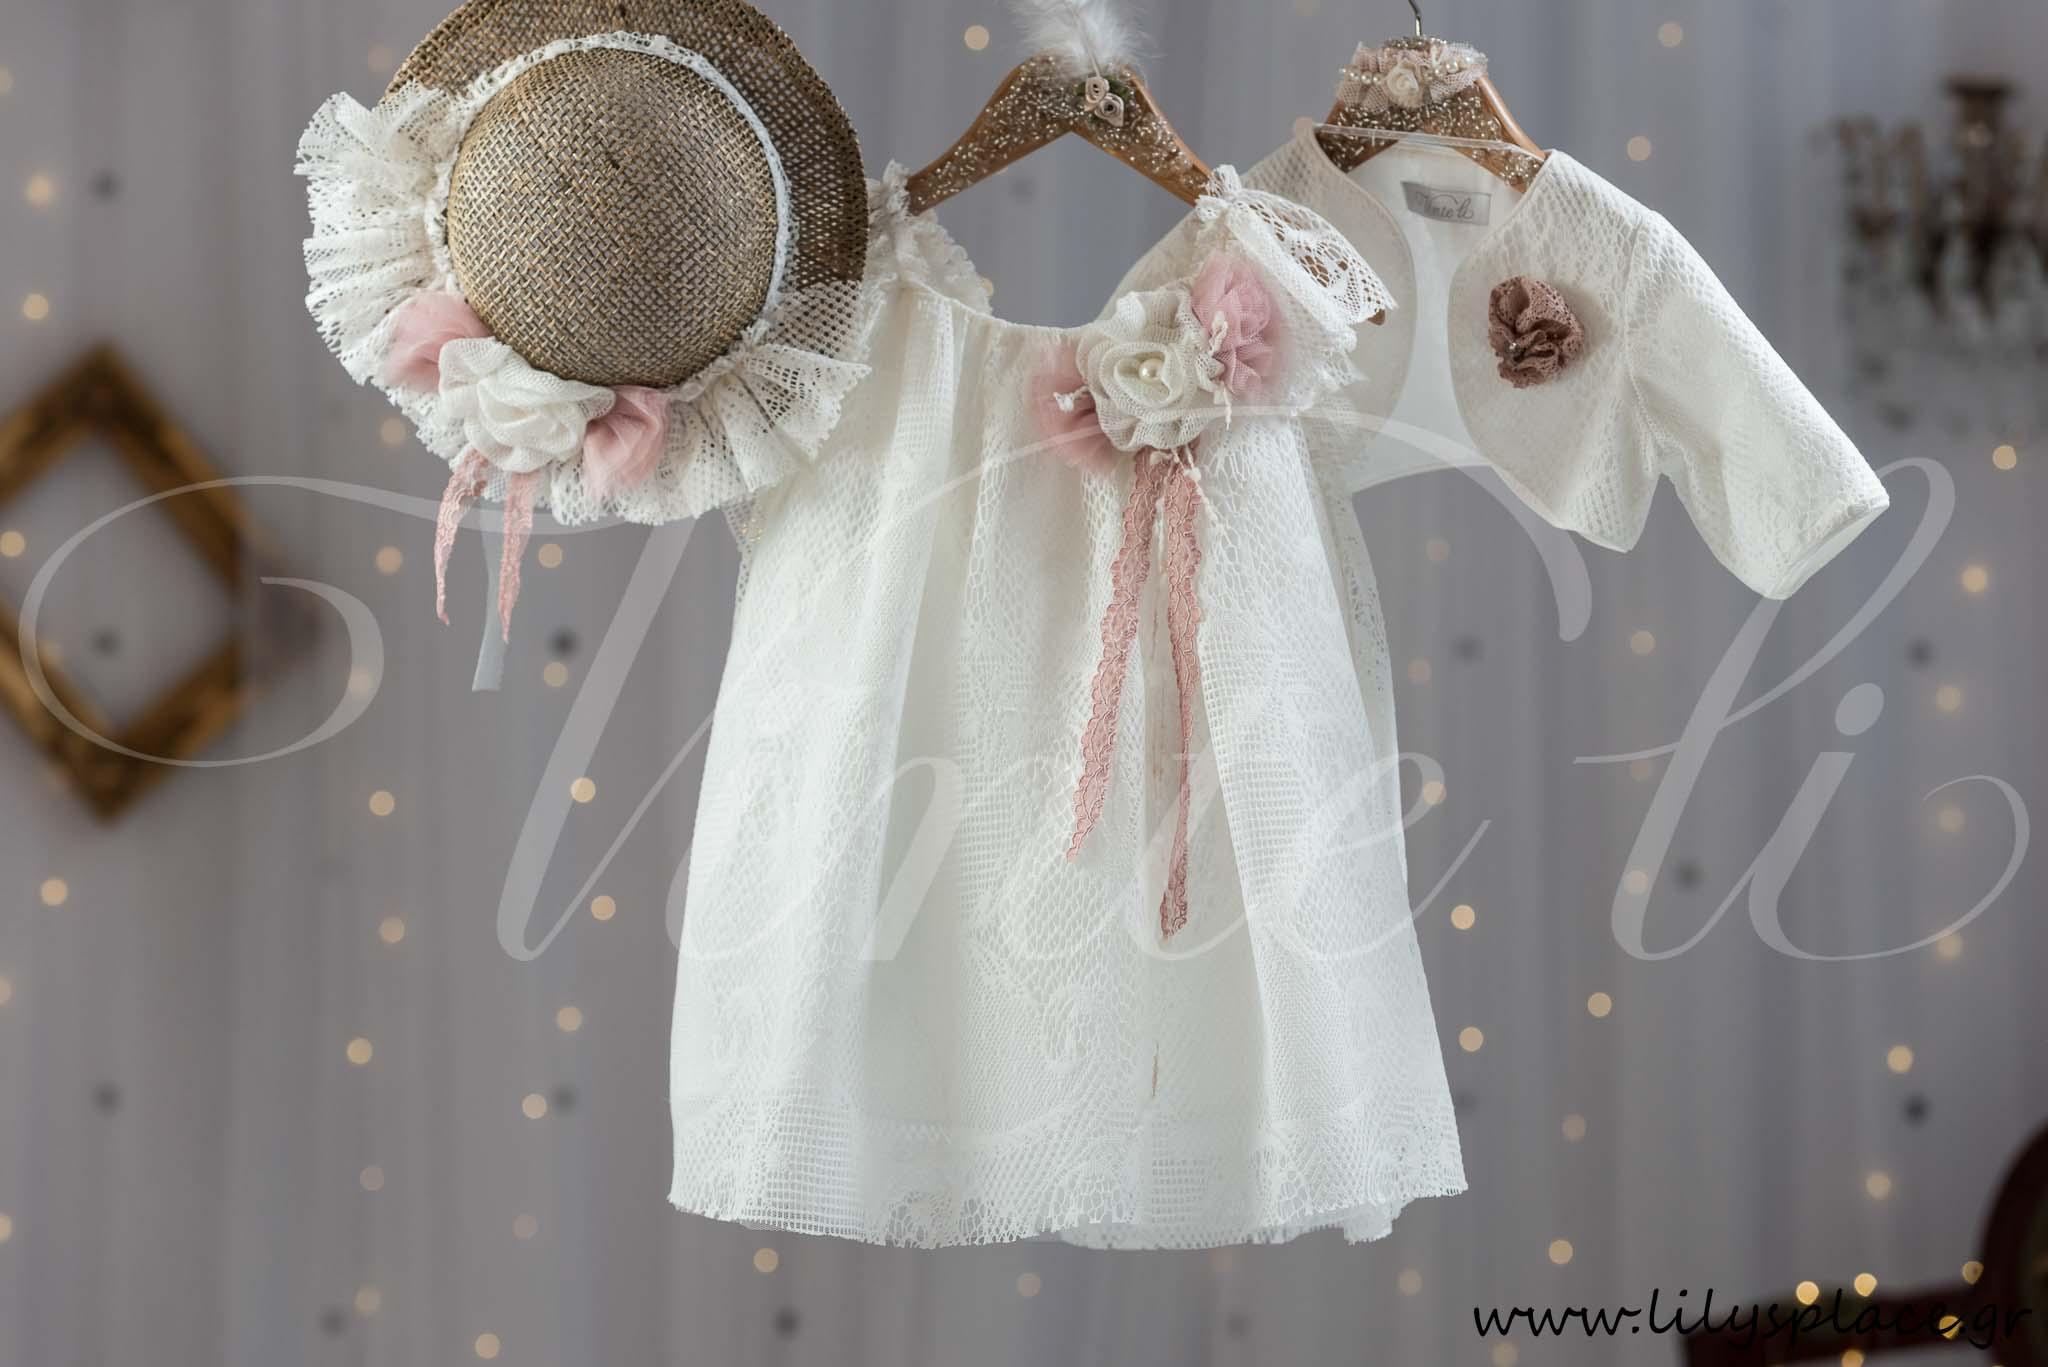 Φόρεμα βάπτισης με δαντέλα